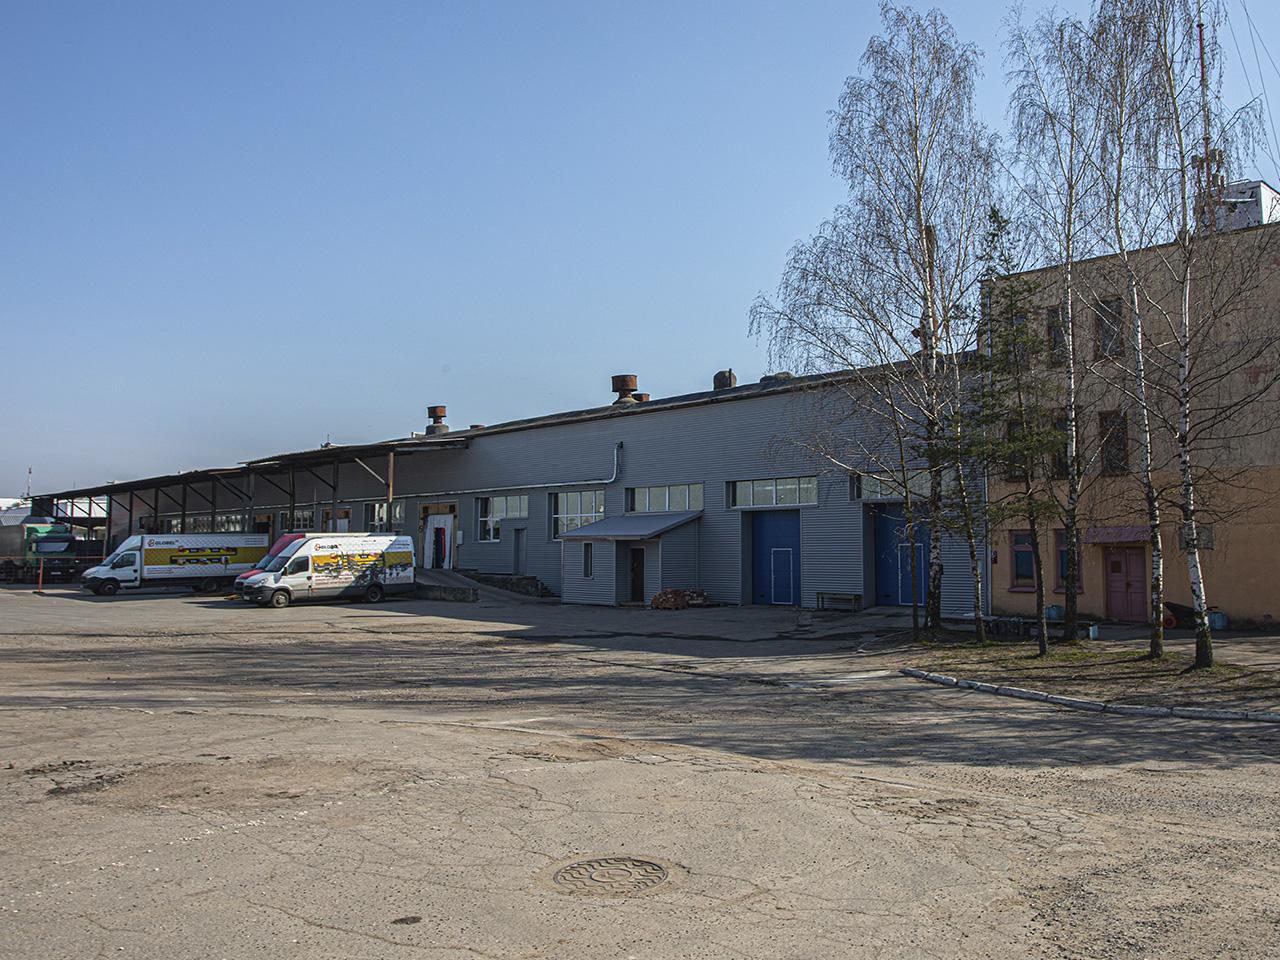 Складской комплекс, Минск, пер.Промышленный 12 3734